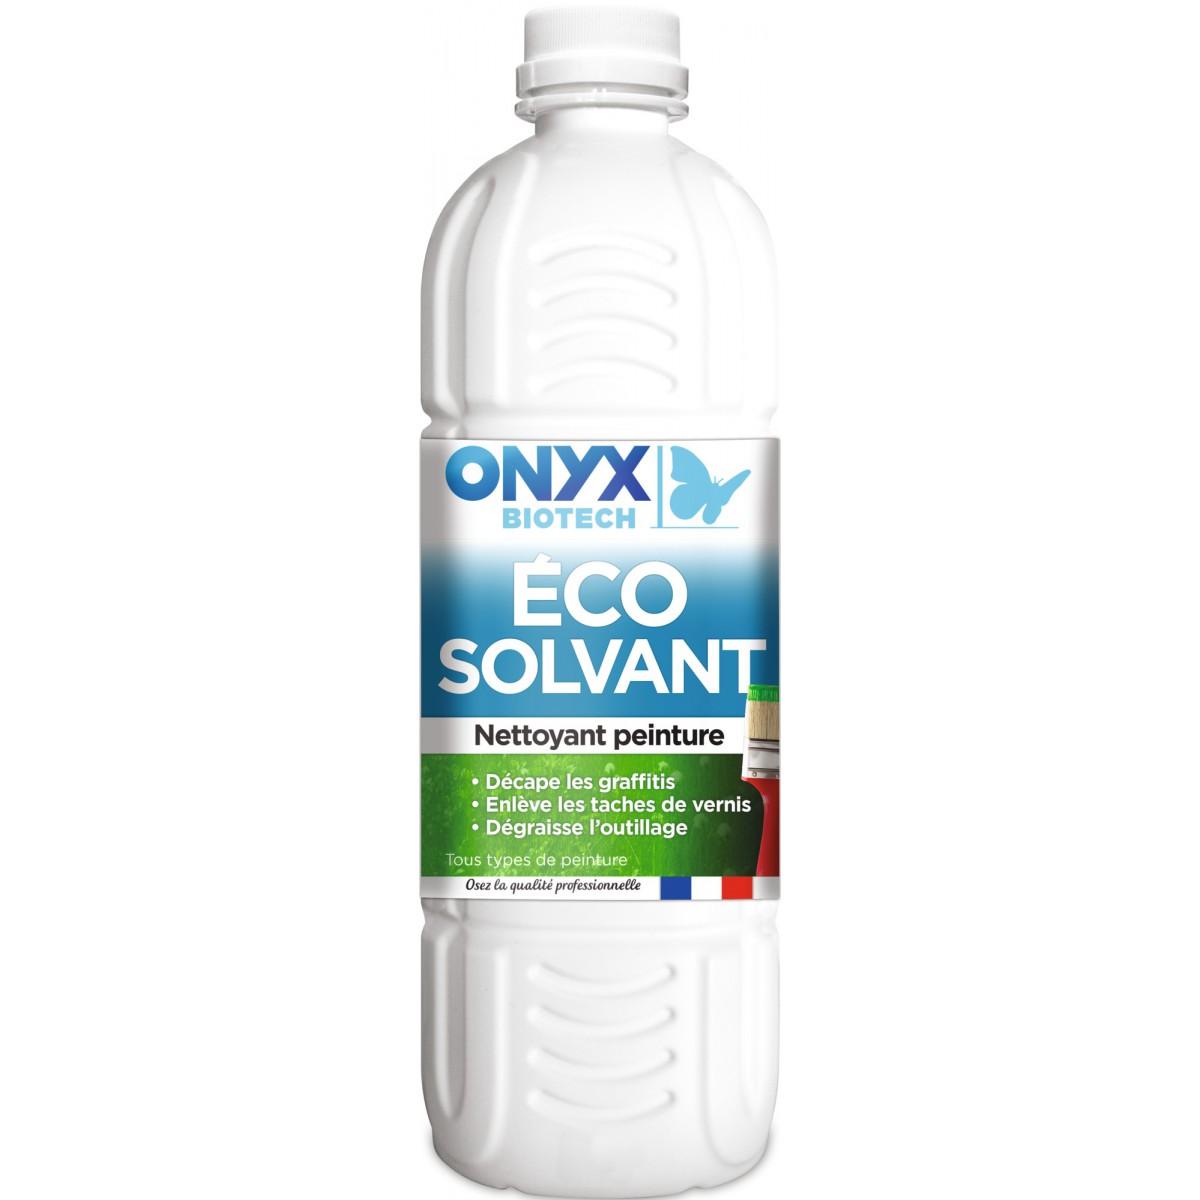 Ecosolvant Onyx - Bouteille 1 l